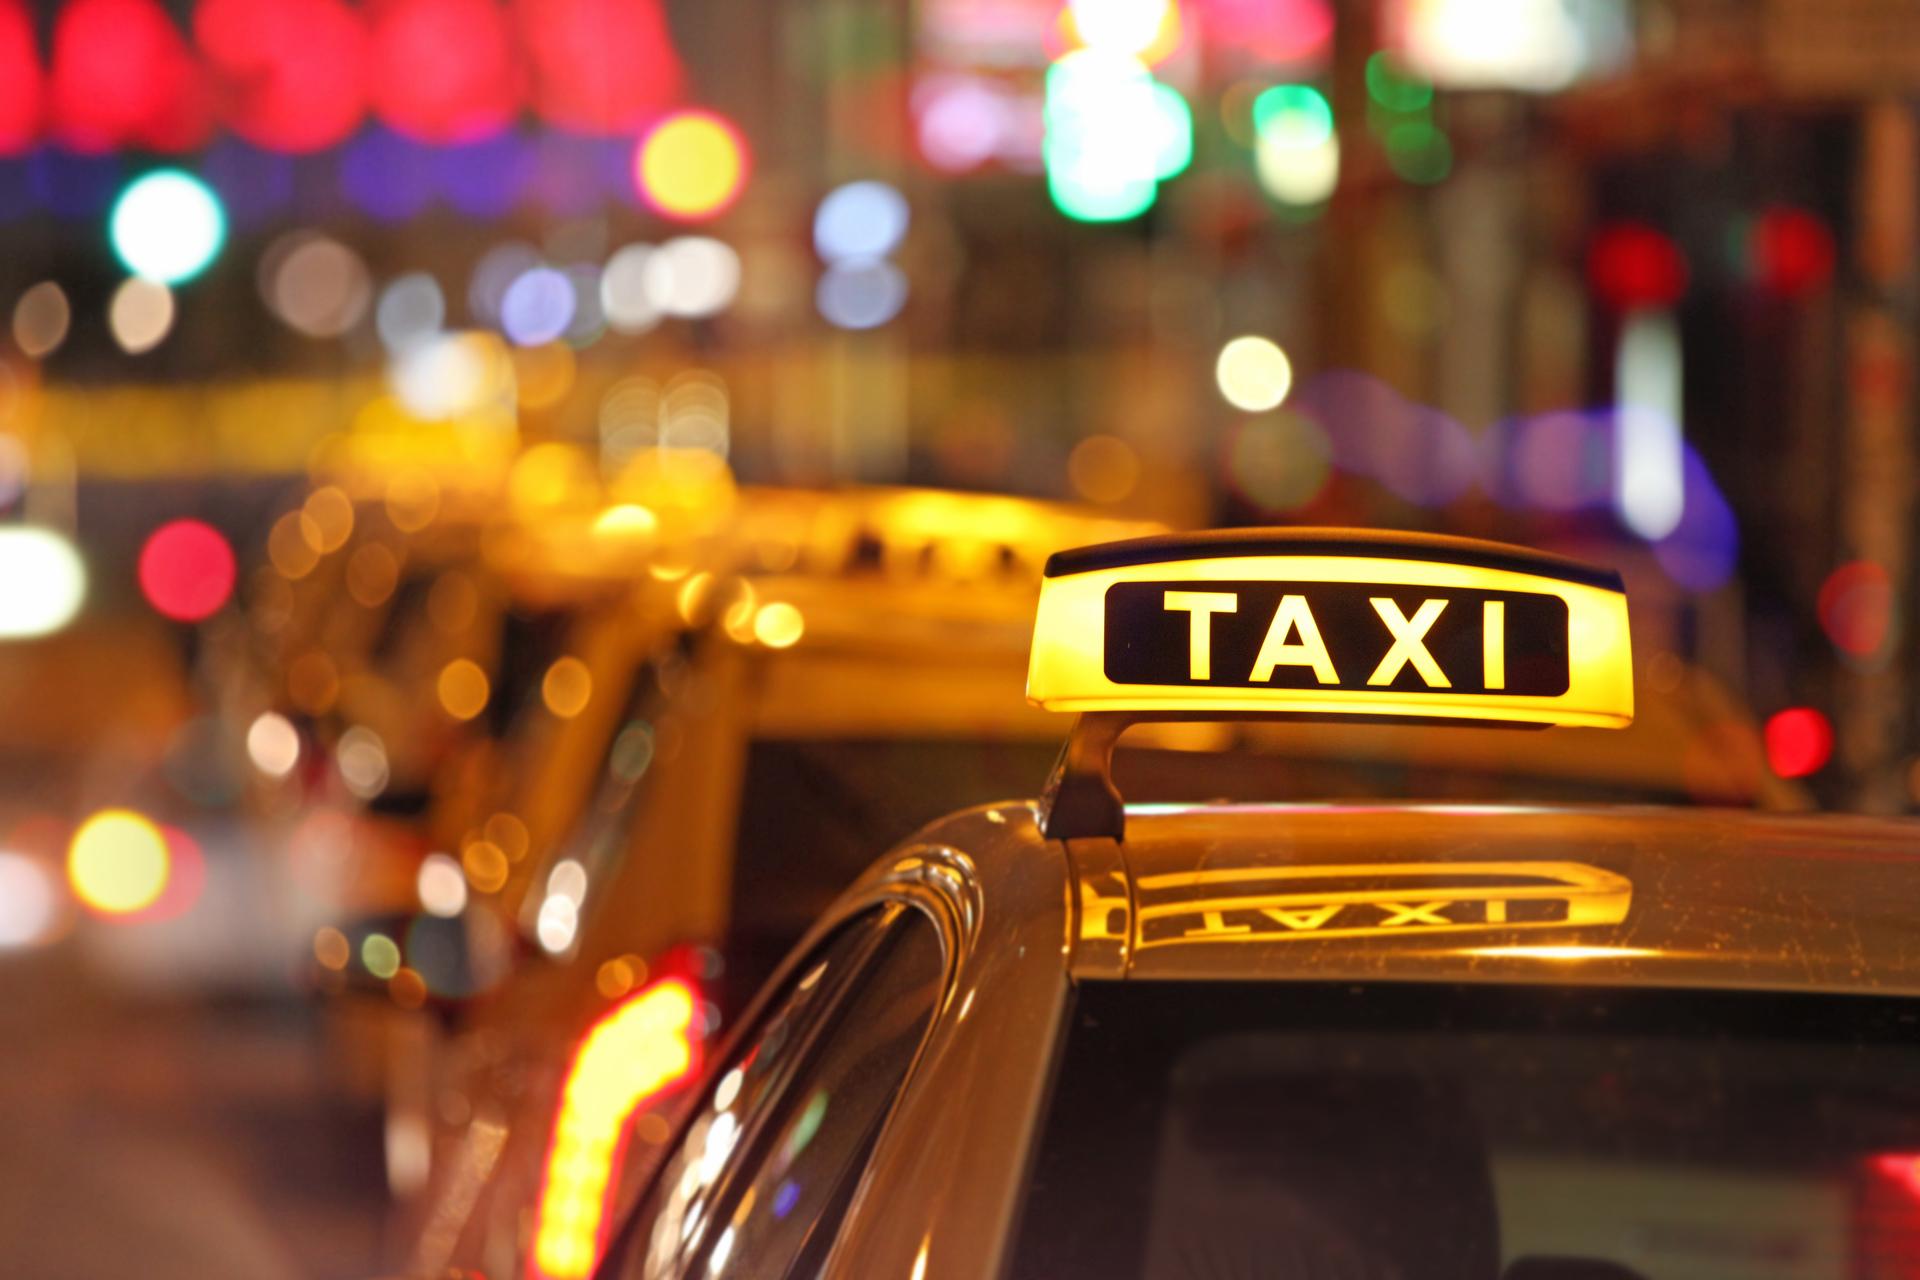 Ngạc nhiên với quy định taxi không cần có đồng hồ tính tiền?